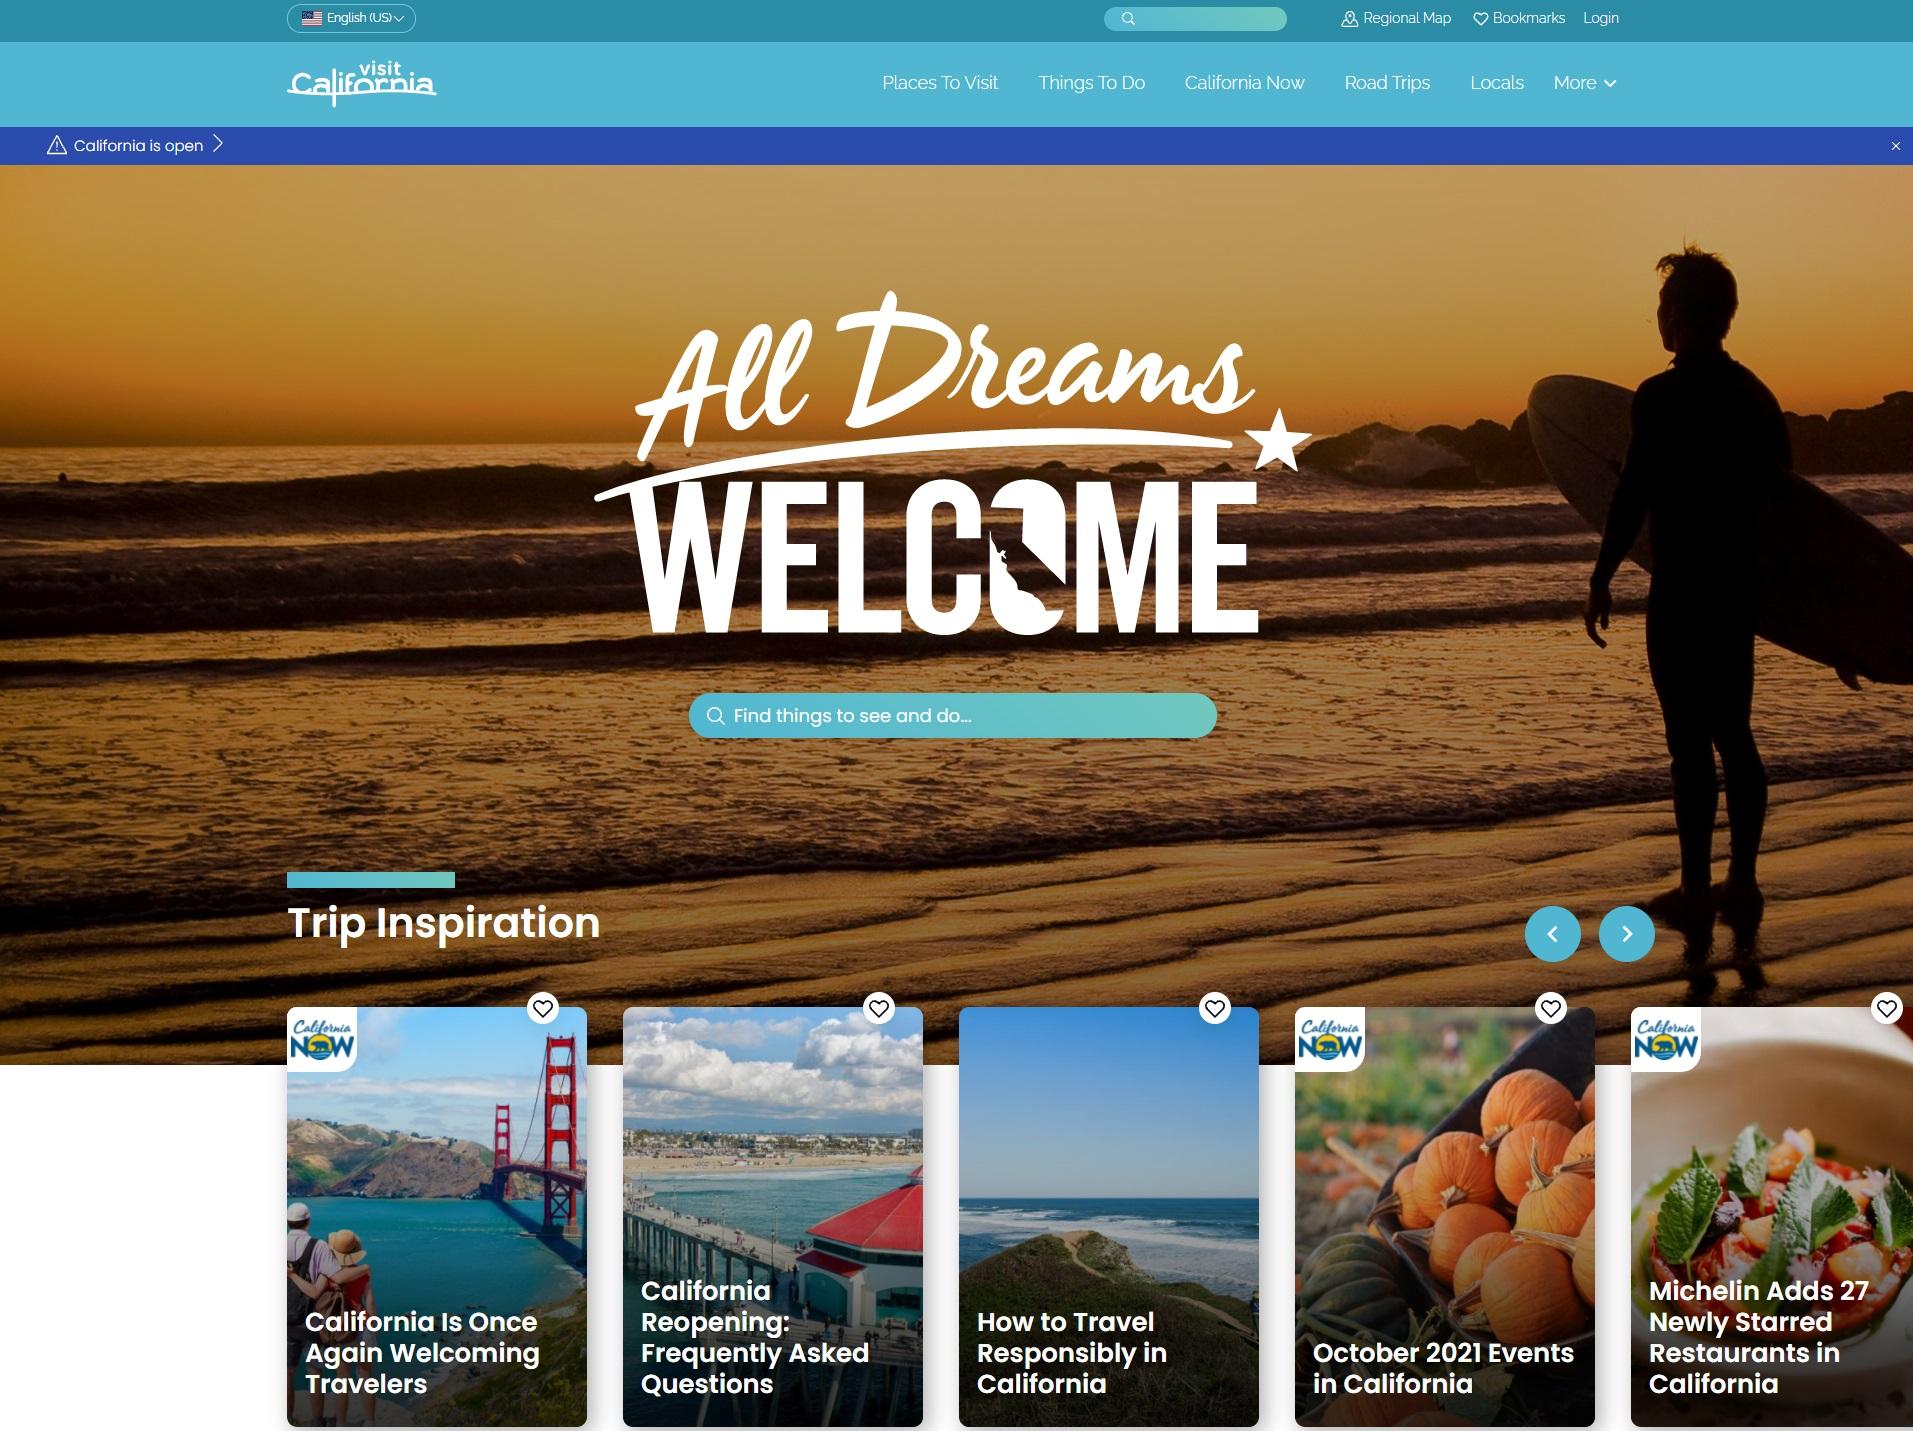 Visit California - Full Website Redesign